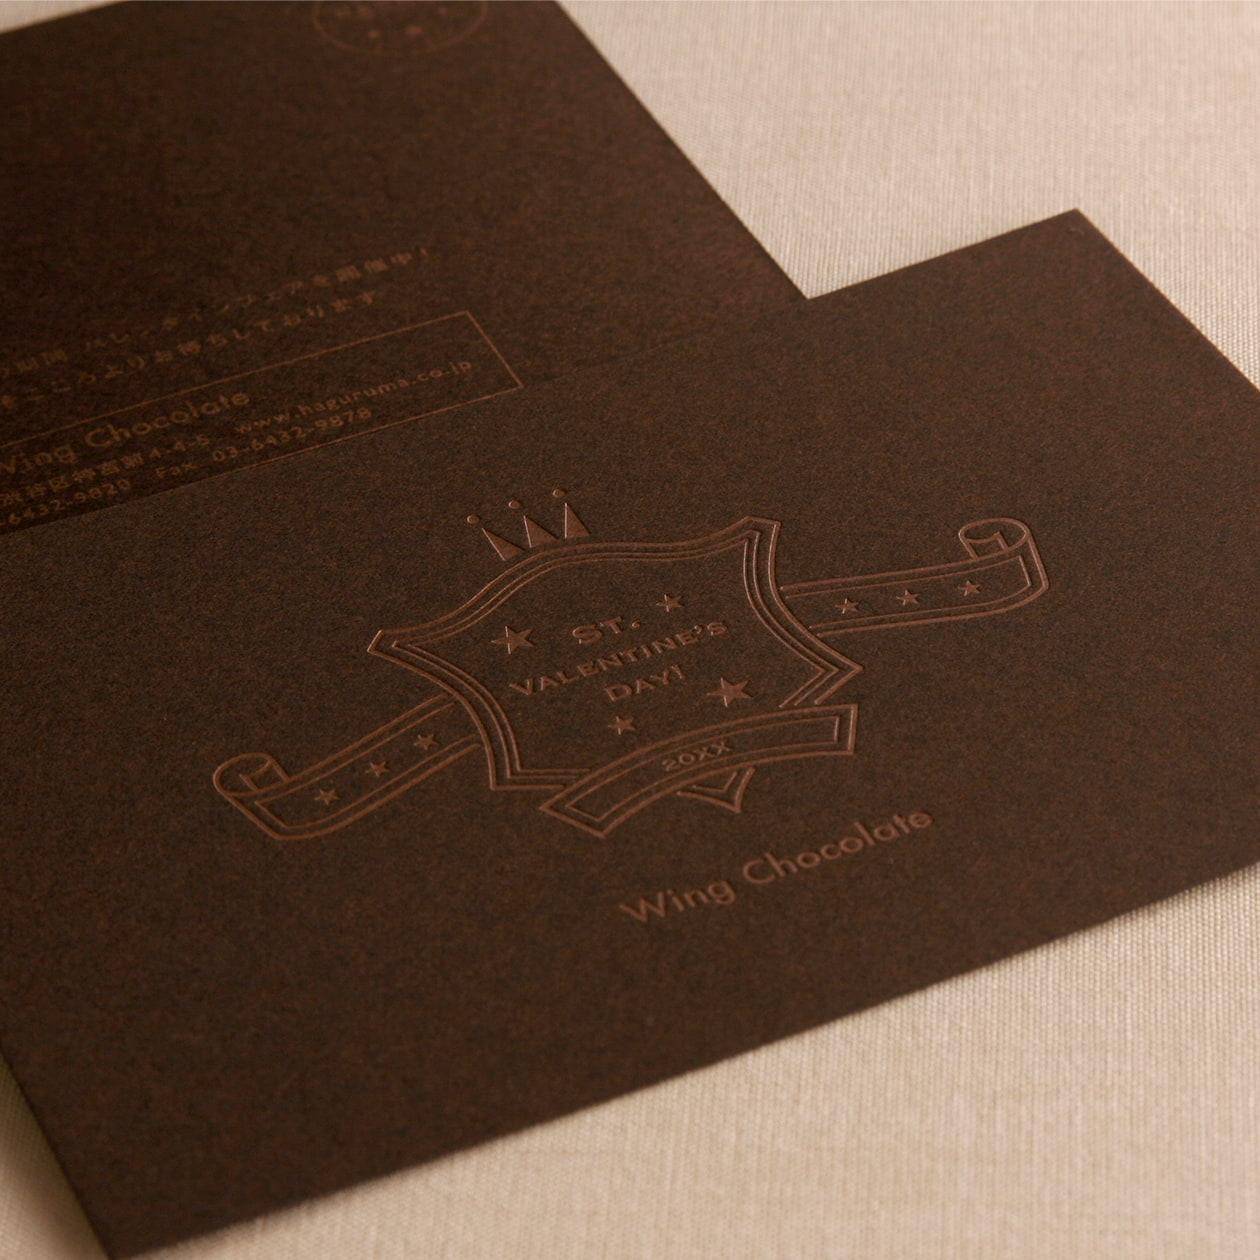 クラシカルなマークが印象深いポストカード